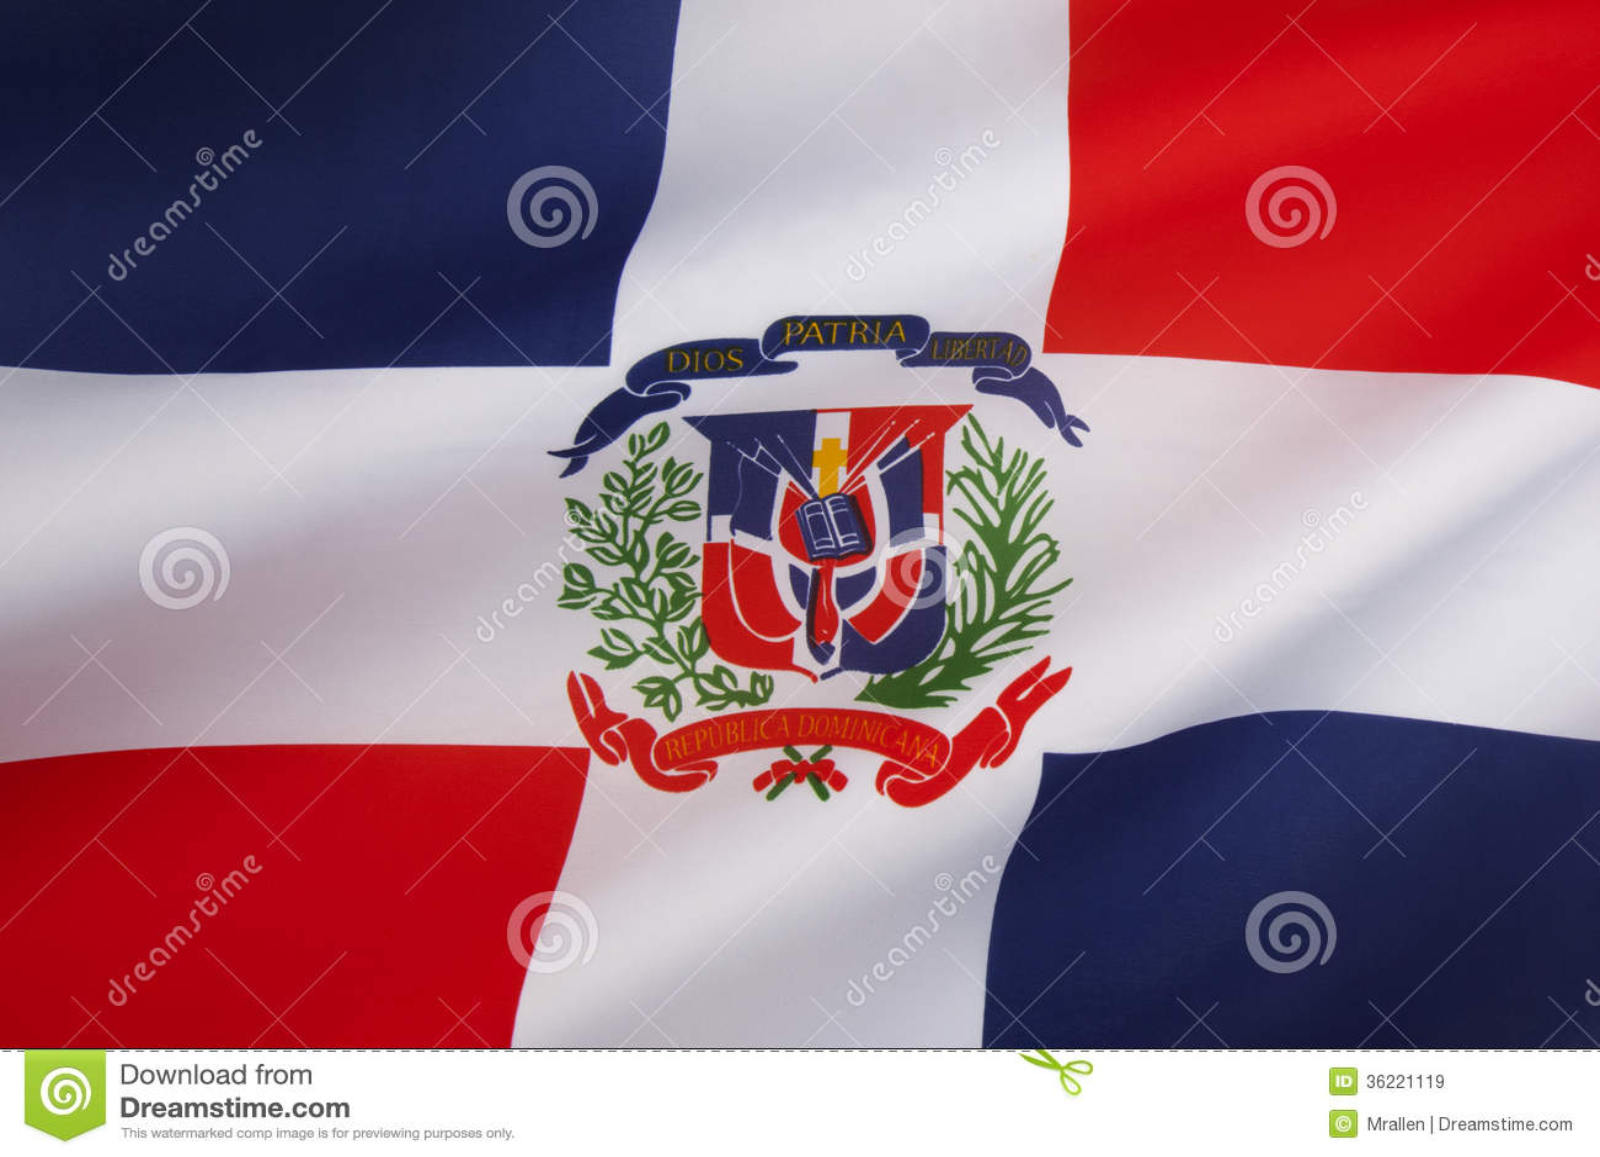 Historia De La Repblica Dominicana Wikipedia La ...